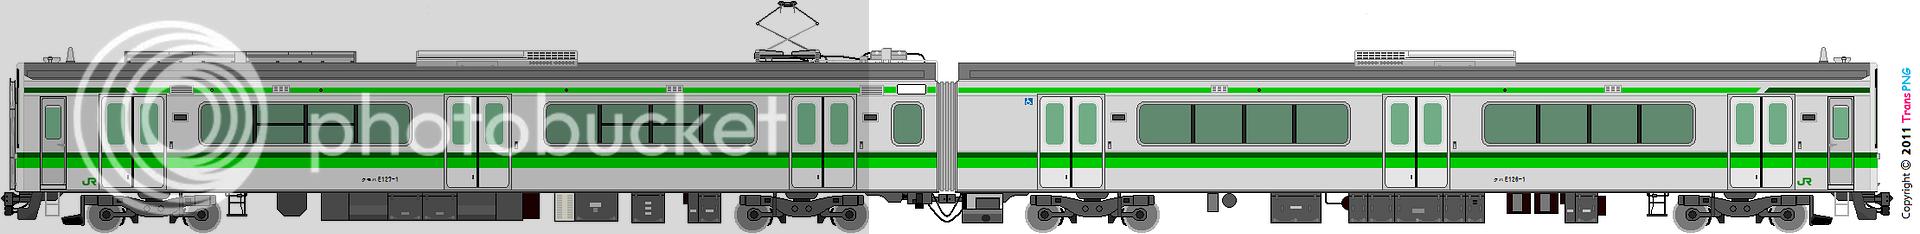 鐵路列車 2273